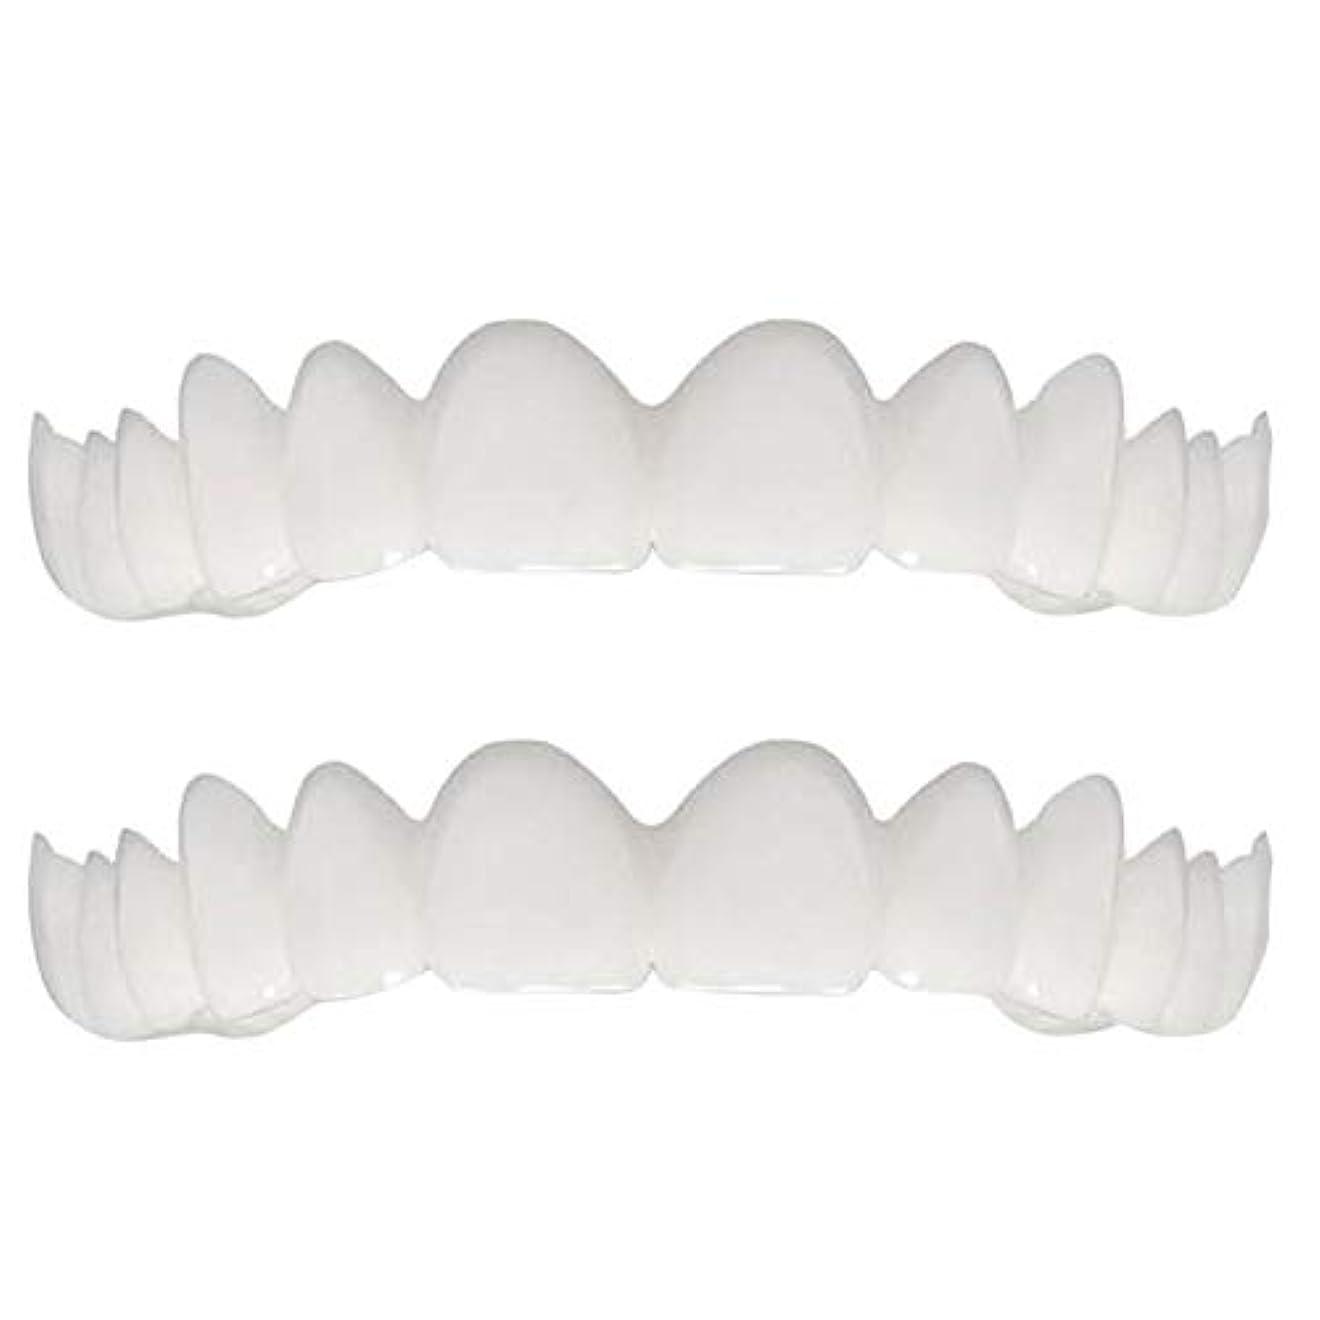 適合しました防腐剤原油シリコーンシミュレーション義歯、白い歯ブレースの上下の列(5セット),Boxed,UpperLower